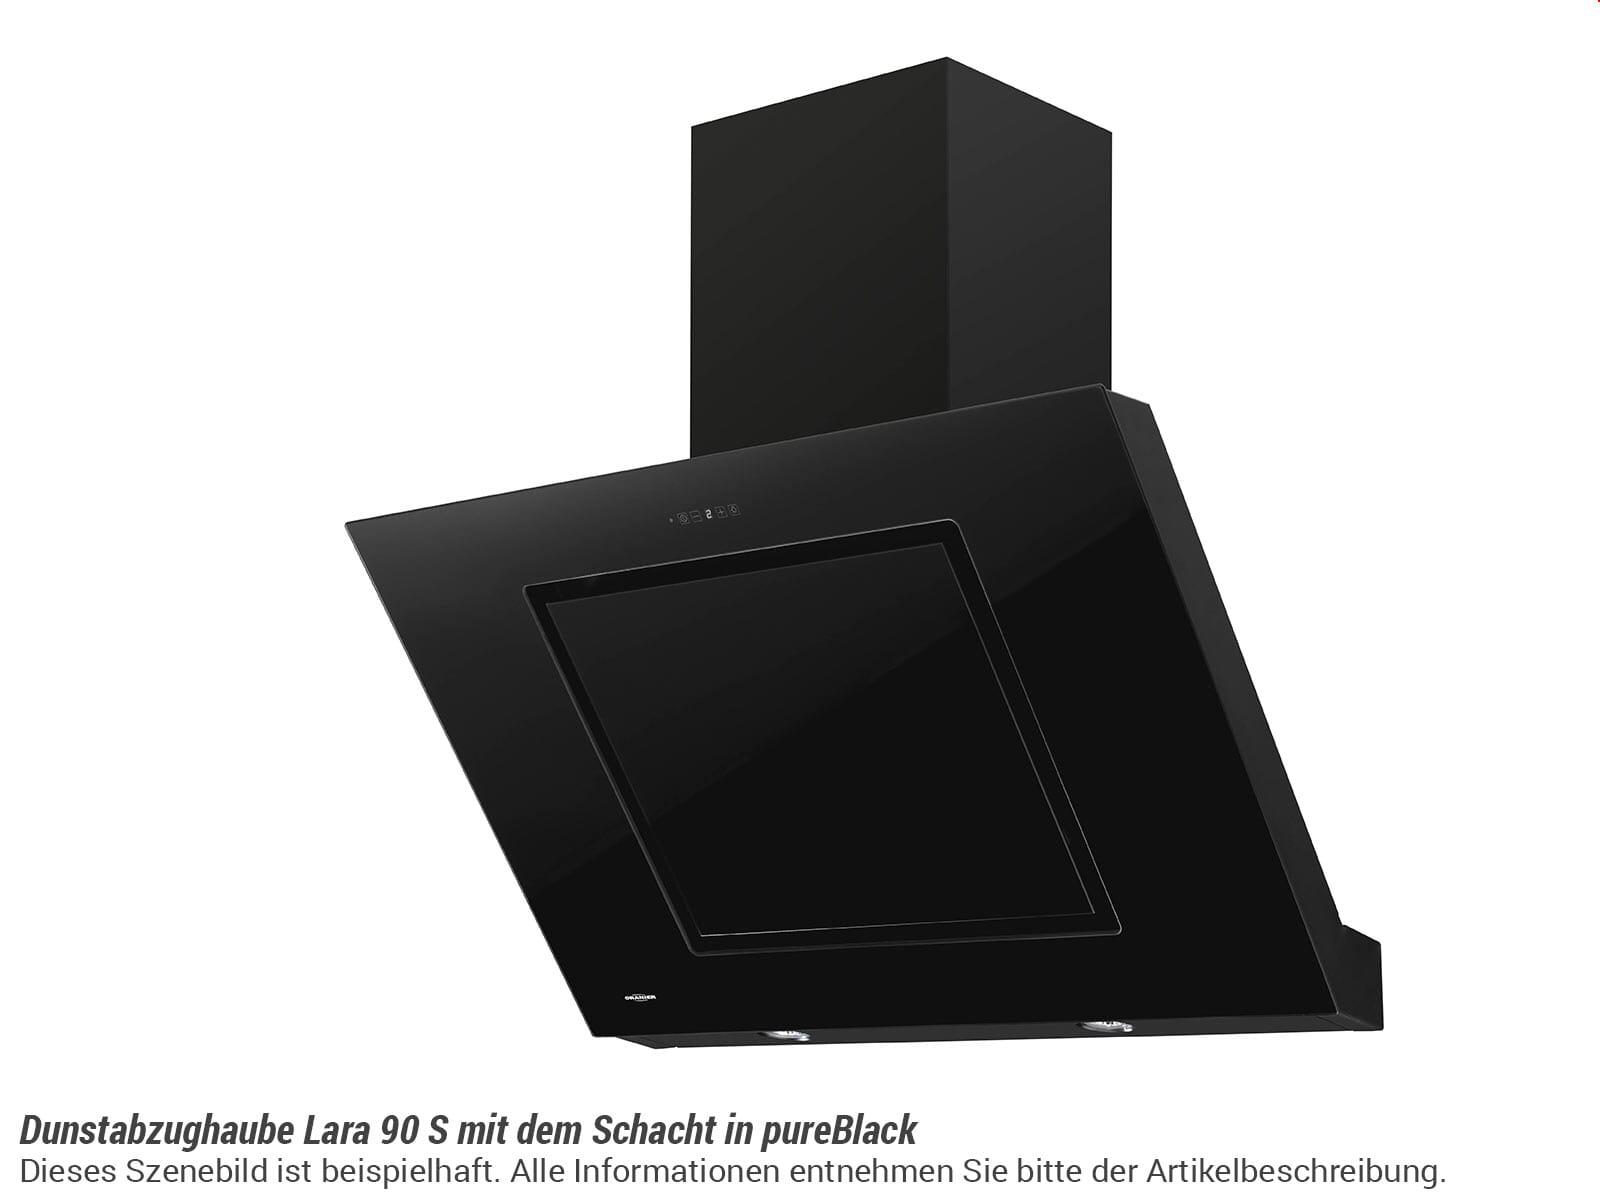 Oranier 9209 15 Schacht pureBlack Schwarz